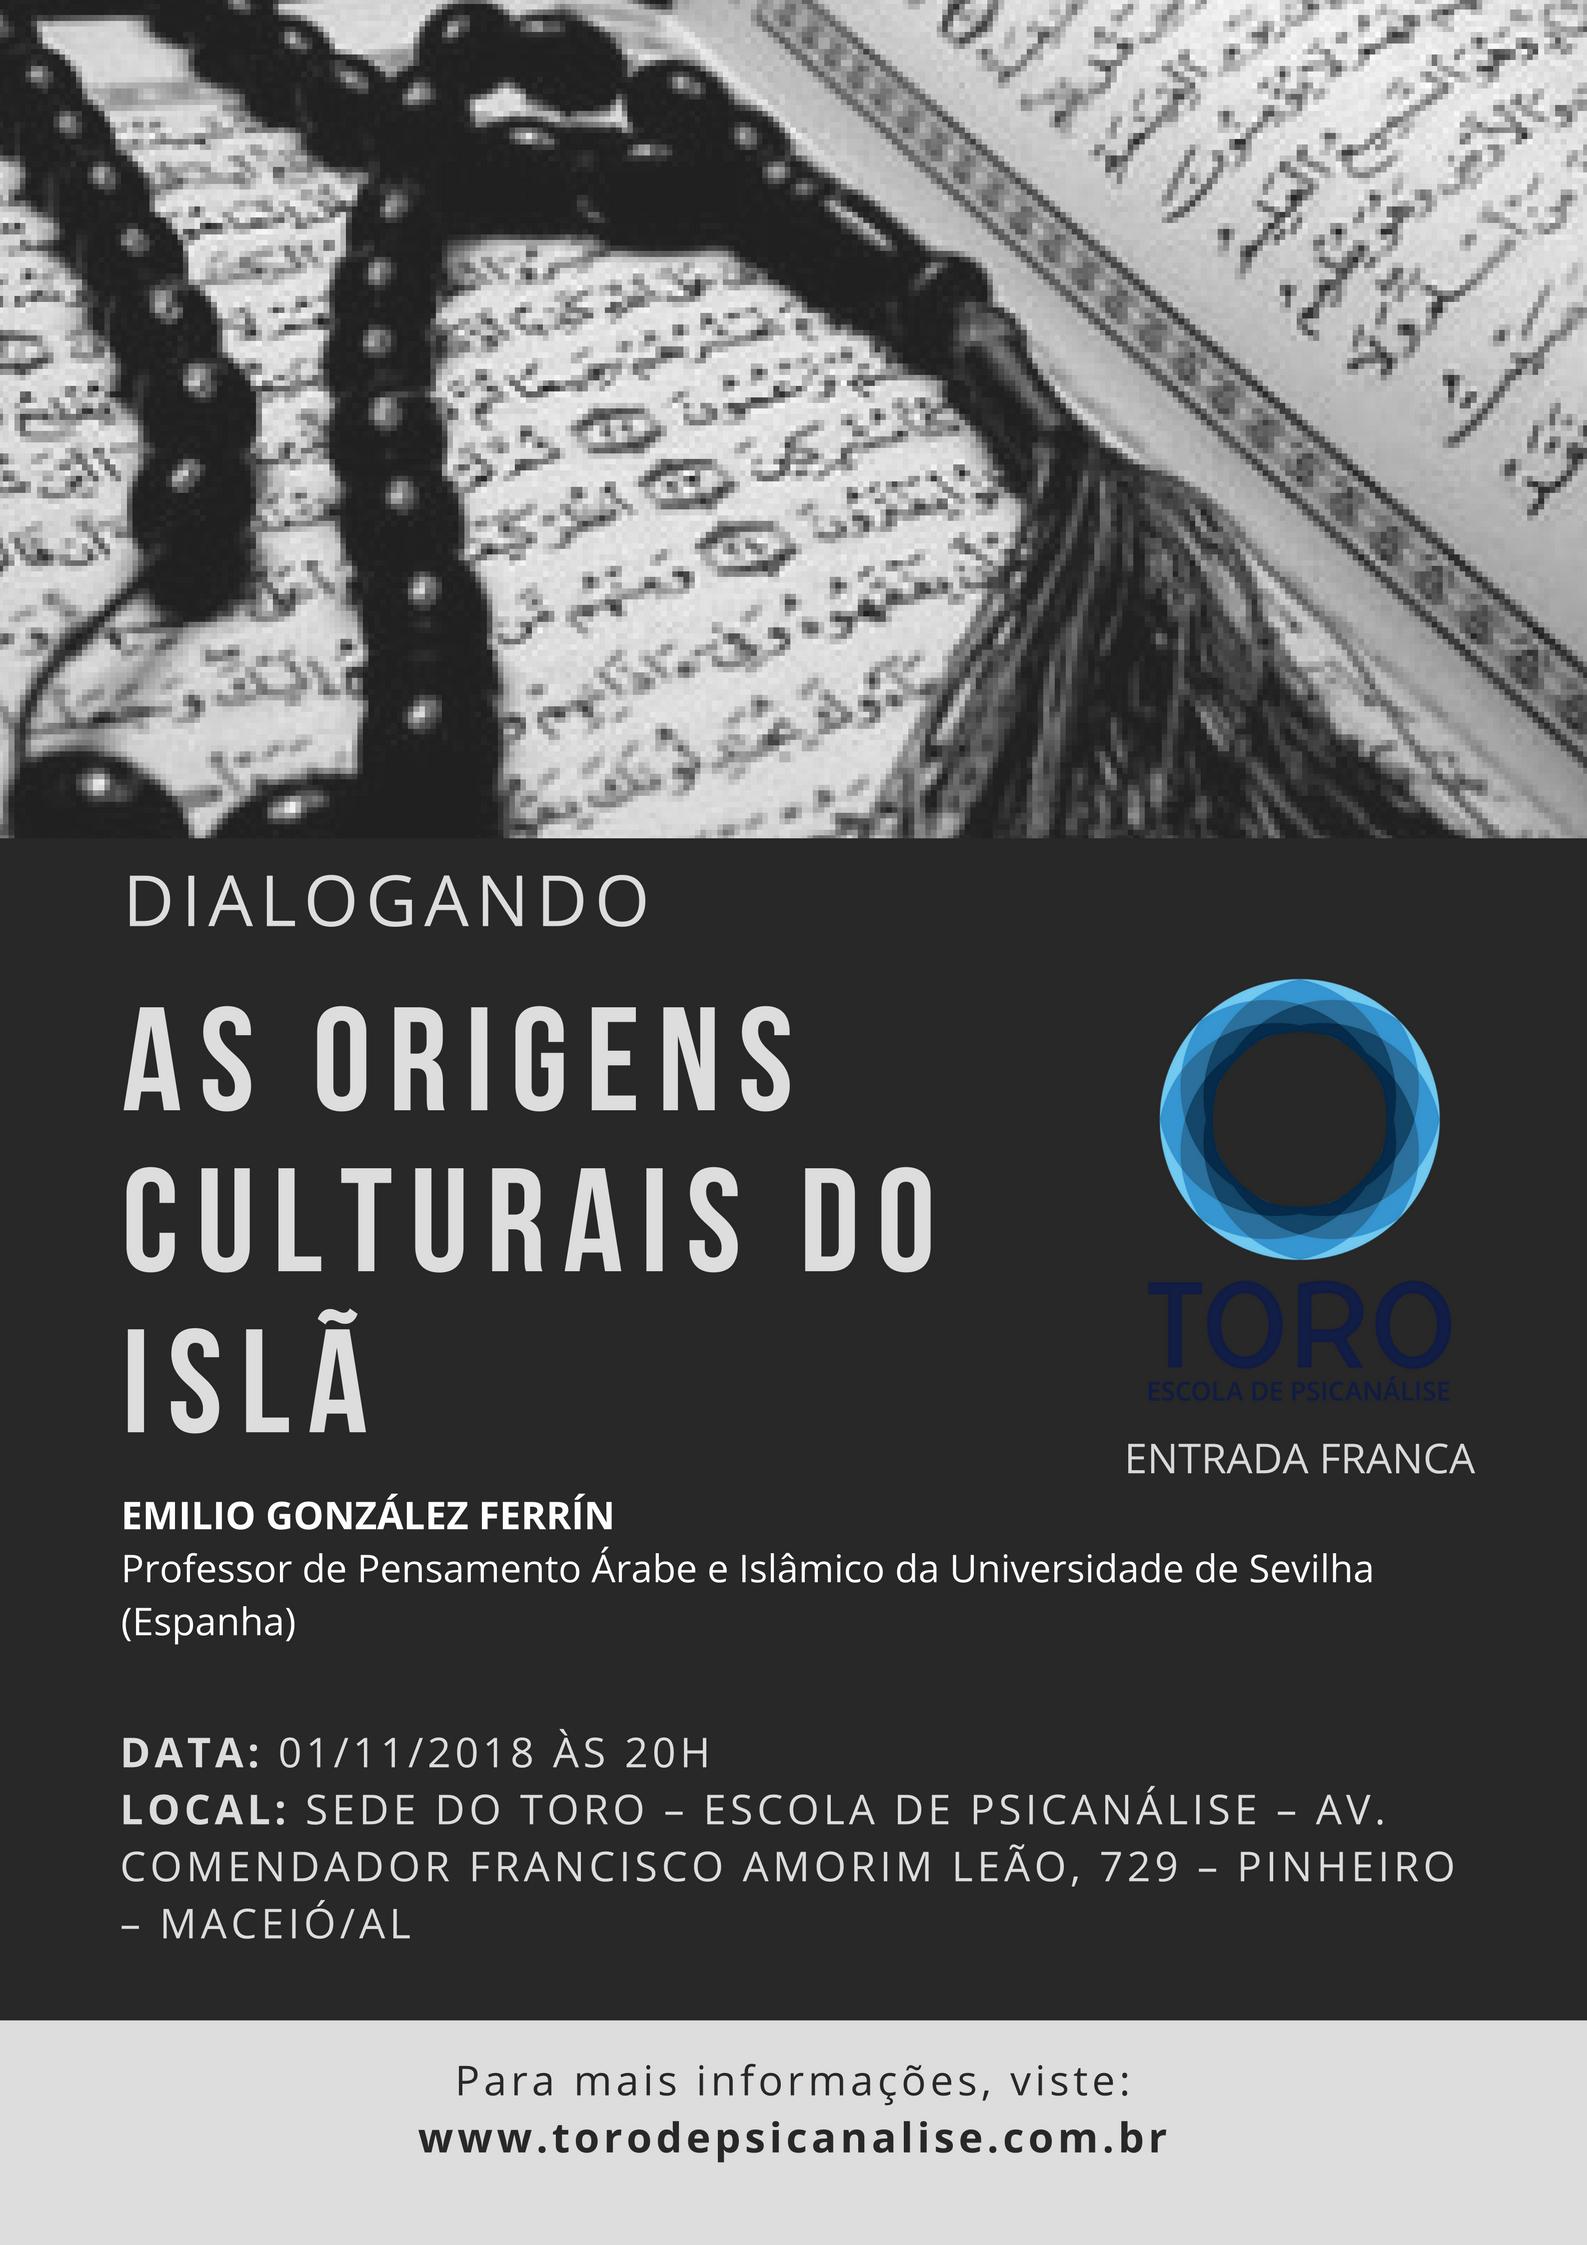 As origens culturais do Islã